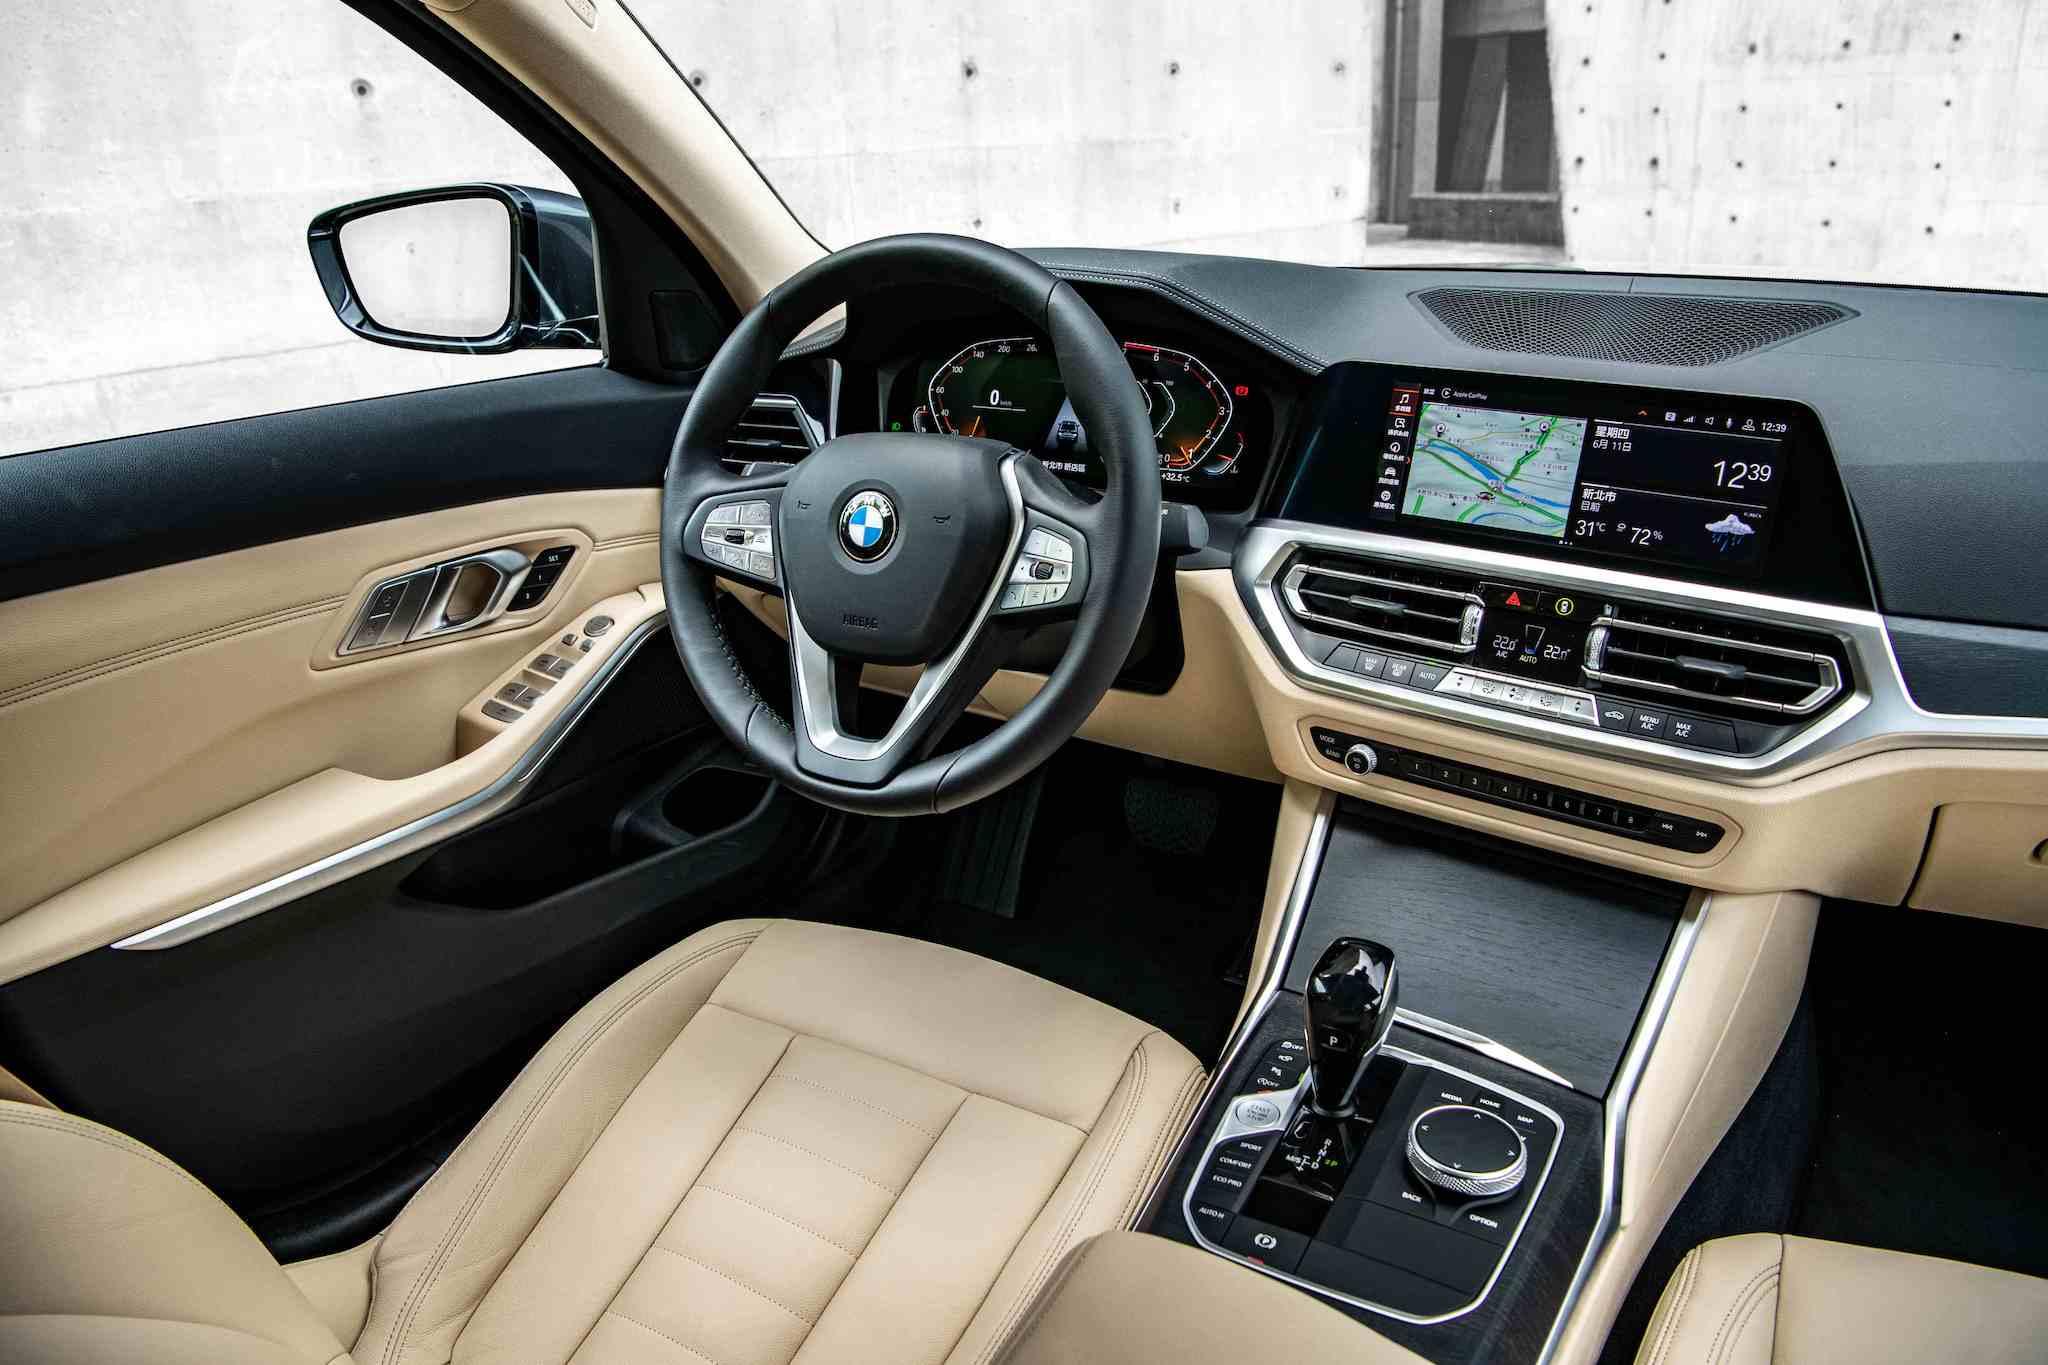 全新 2.0 BMW 318i 以 Vernasca 真皮內裝與全數位虛擬座艙打造,限量 100 台更升級360 度環景輔助攝影、遠端 3D 監控、HiFi 高傳真音響系統與電動行李廂啟閉。